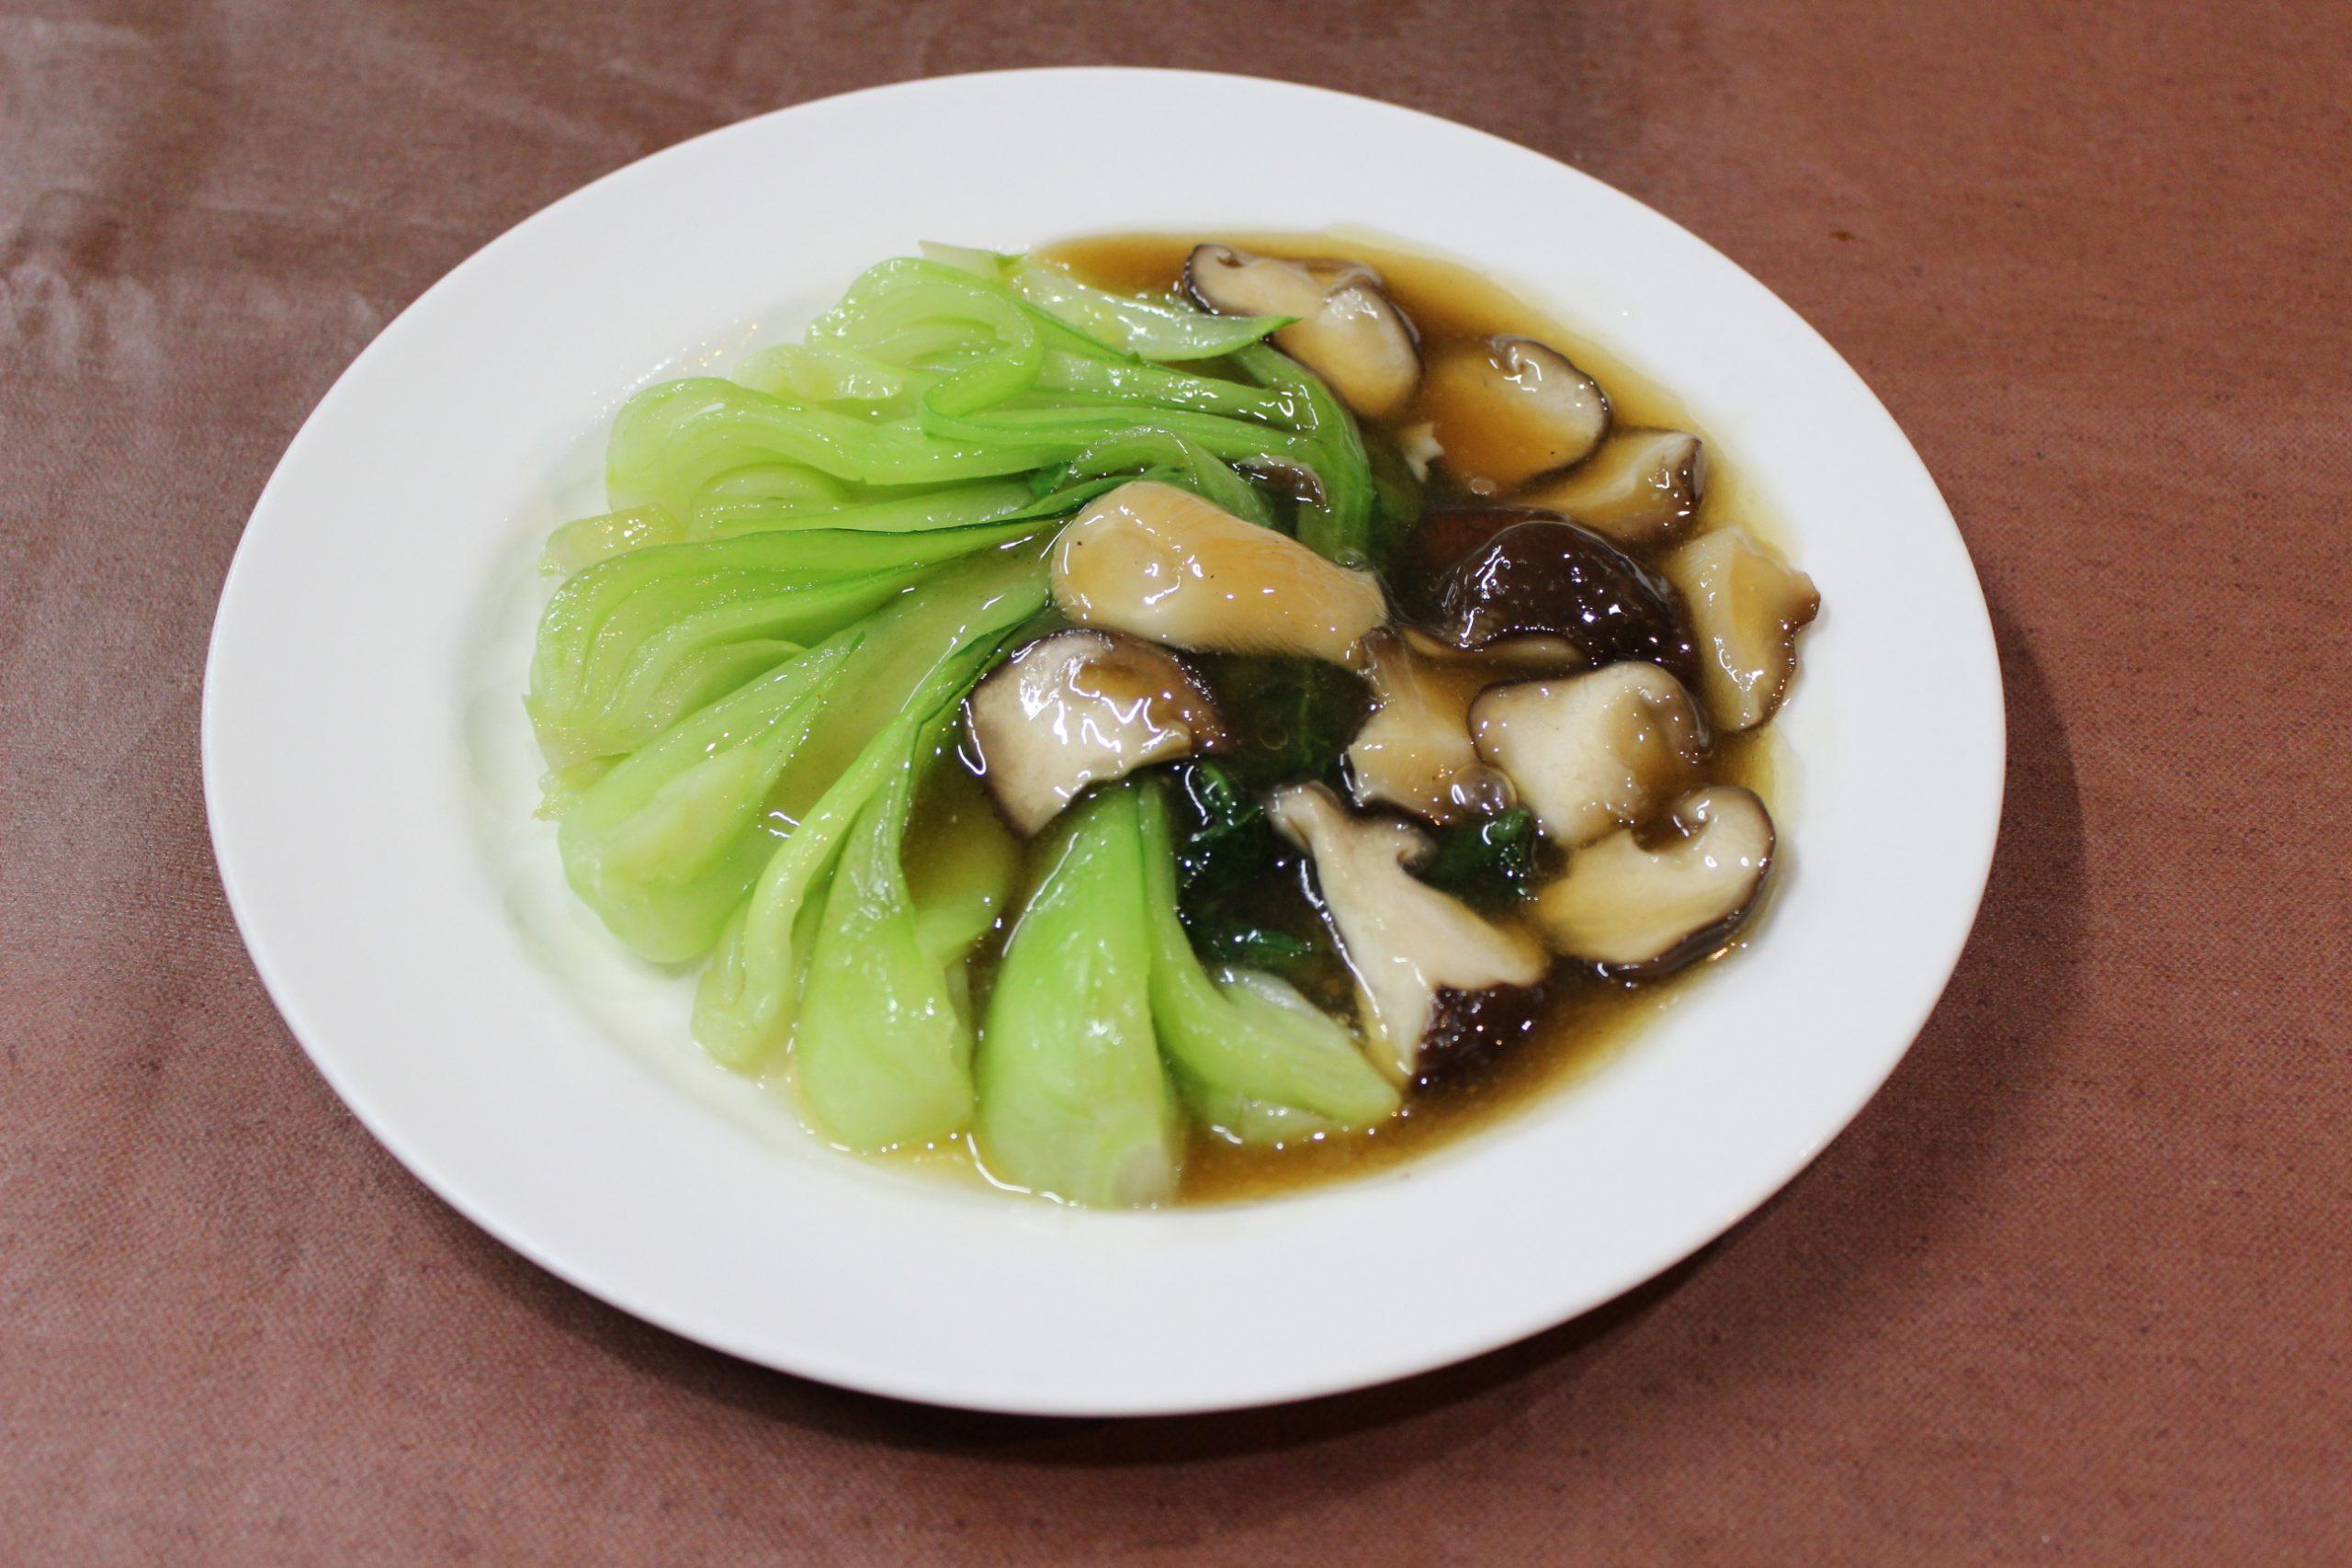 【香菇油菜】チンゲン菜とシイタケの炒めもの